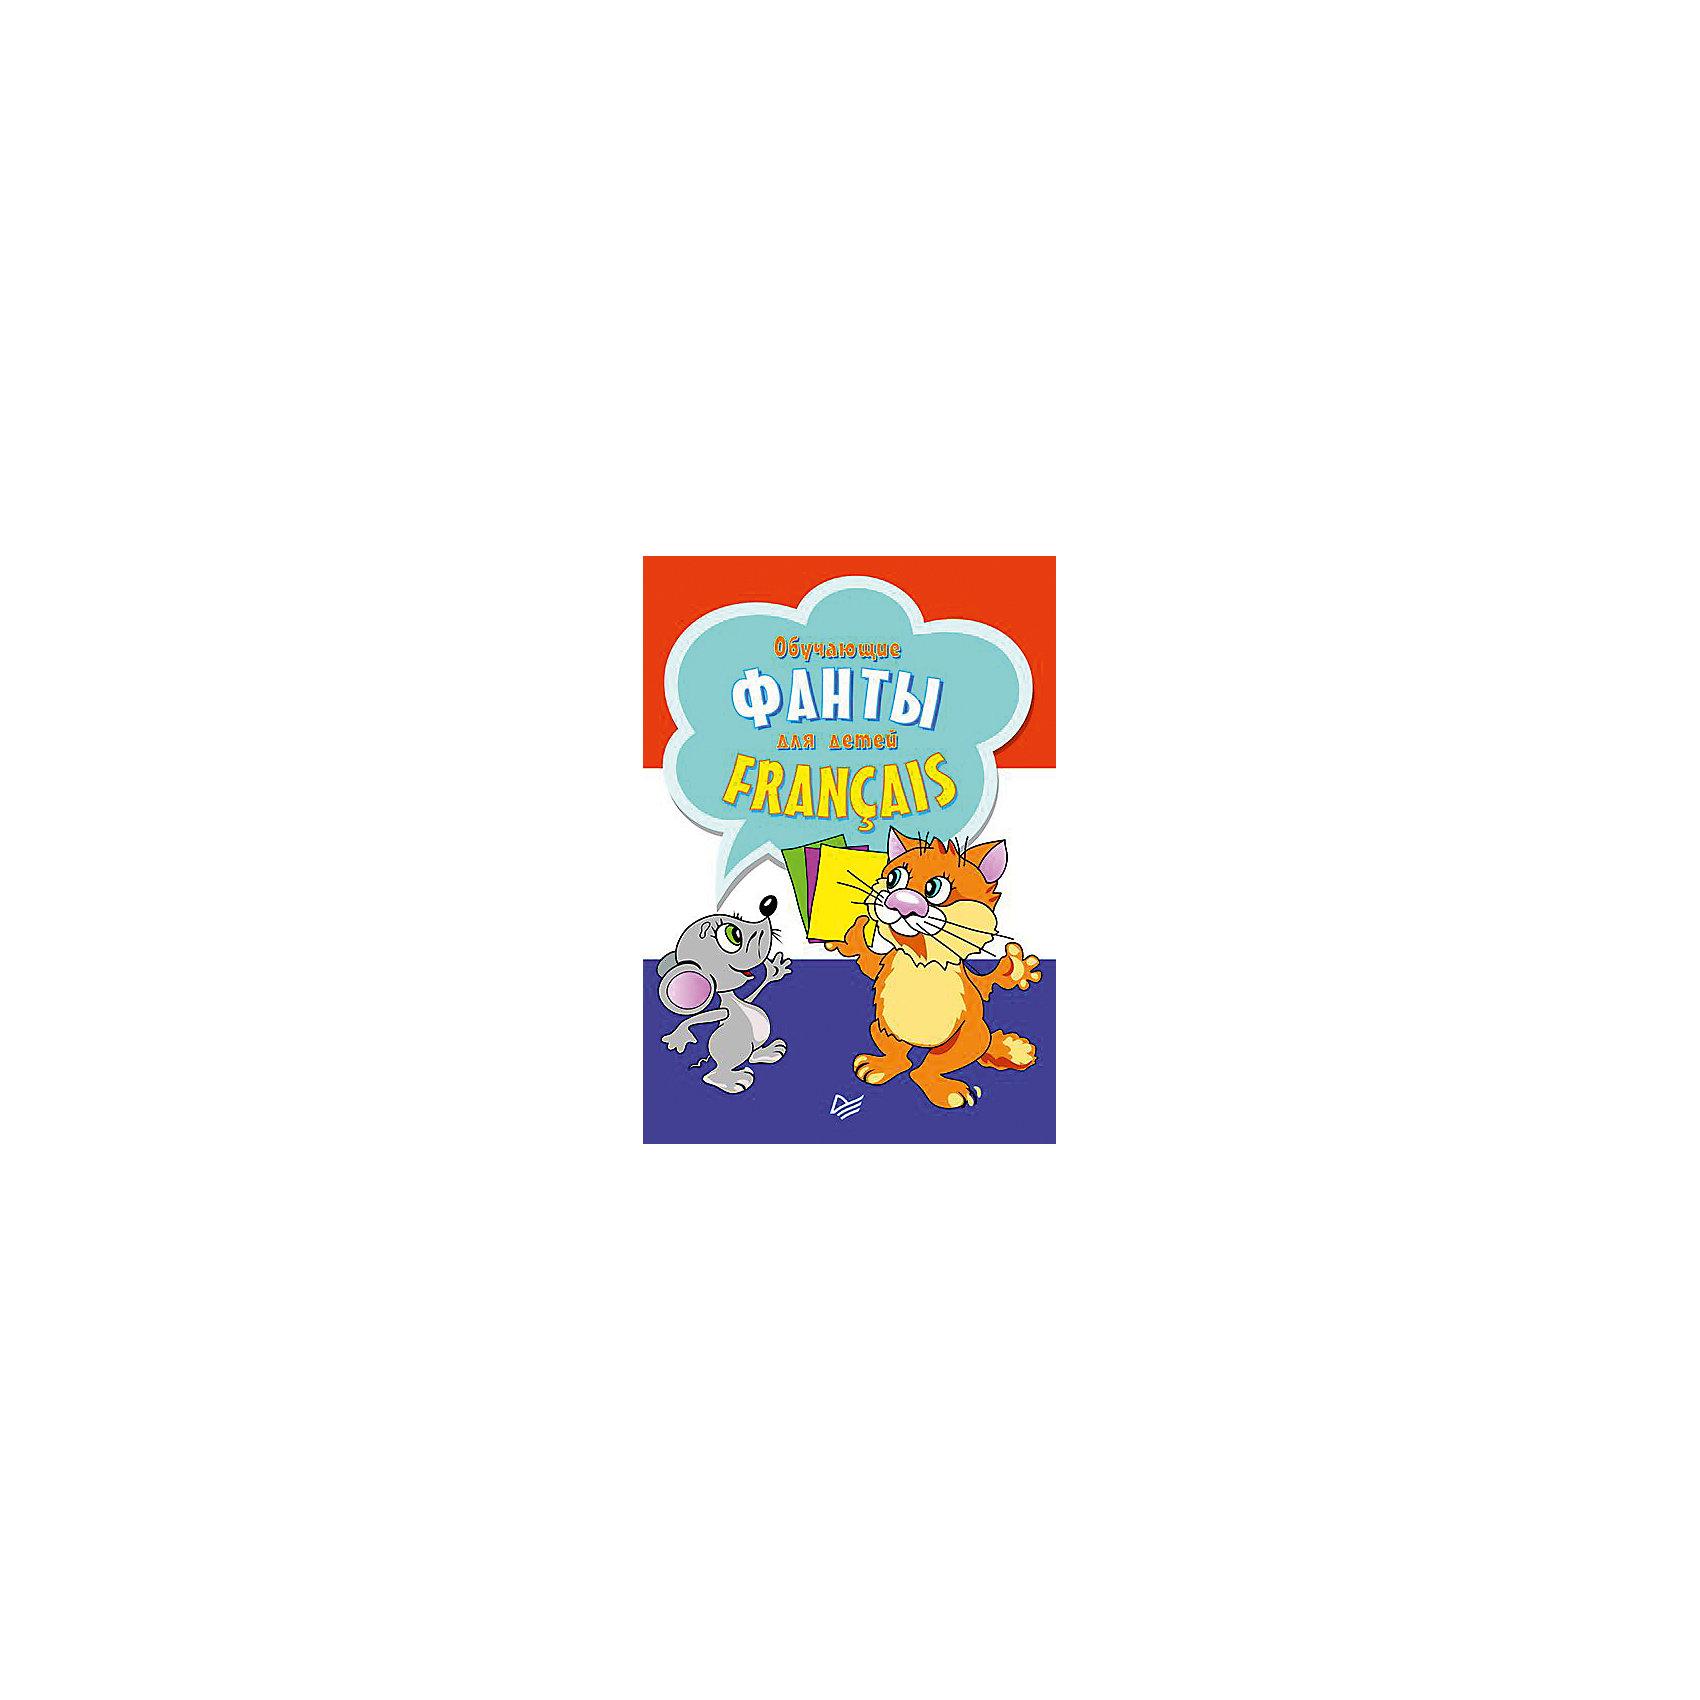 Обучающие фанты для детей Французский язык, 29 карточекОбучающие книги<br>Зачастую, родители делают выбор в пользу одновременного изучения родного языка и иностранного. В связи с этим появляются проблемы потери интереса ребенка к языку. Привлечь внимание ребенка к расширению словаря поможет новый набор «Обучающие фанты для детей Французский язык, 29 карточек», который в легкой игровой форме научит новым словам и словосочетаниям, как ребенка, так и его родителей. Правила игры совершенно просты: участники по очереди вытягивают карточку и выполняют написанное задание. <br>Практически все задания снабжены переводом на русский язык. Набор развивает внимание, любознательность и повышает навыки изучения иностранного языка.<br><br>Дополнительная информация:<br><br>комплектация: 29 карточек;<br>возраст: от 6 лет;<br>формат: 60x88/32.<br><br>Набор  Обучающие фанты для детей Французский язык, 29 карточек можно купить в нашем магазине.<br><br>Ширина мм: 140<br>Глубина мм: 110<br>Высота мм: 3<br>Вес г: 135<br>Возраст от месяцев: 72<br>Возраст до месяцев: 2147483647<br>Пол: Унисекс<br>Возраст: Детский<br>SKU: 4966270